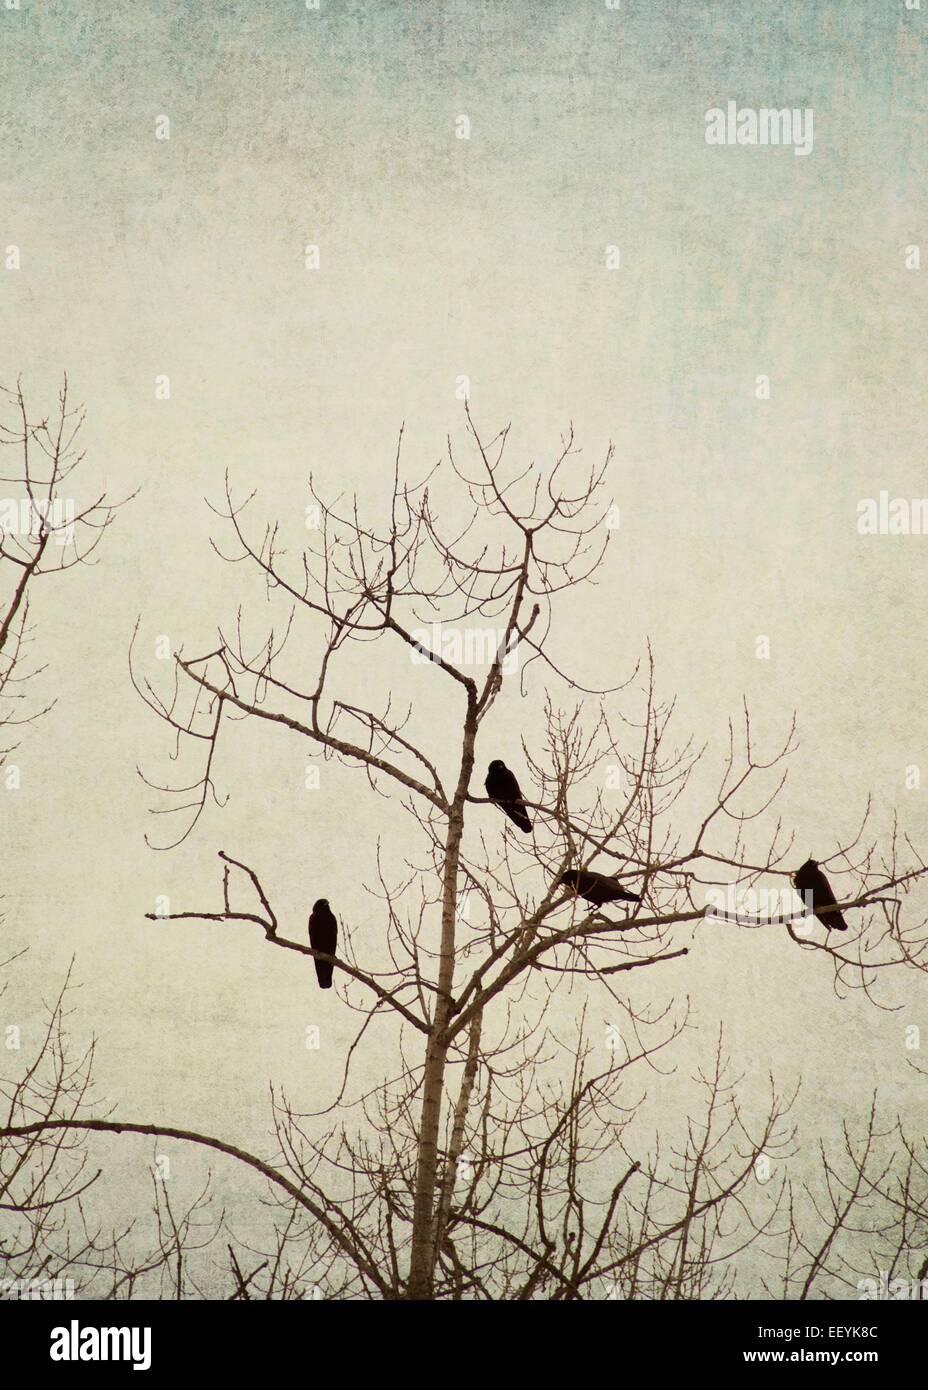 Vögel in einem Baum im Winter thront. Stockbild